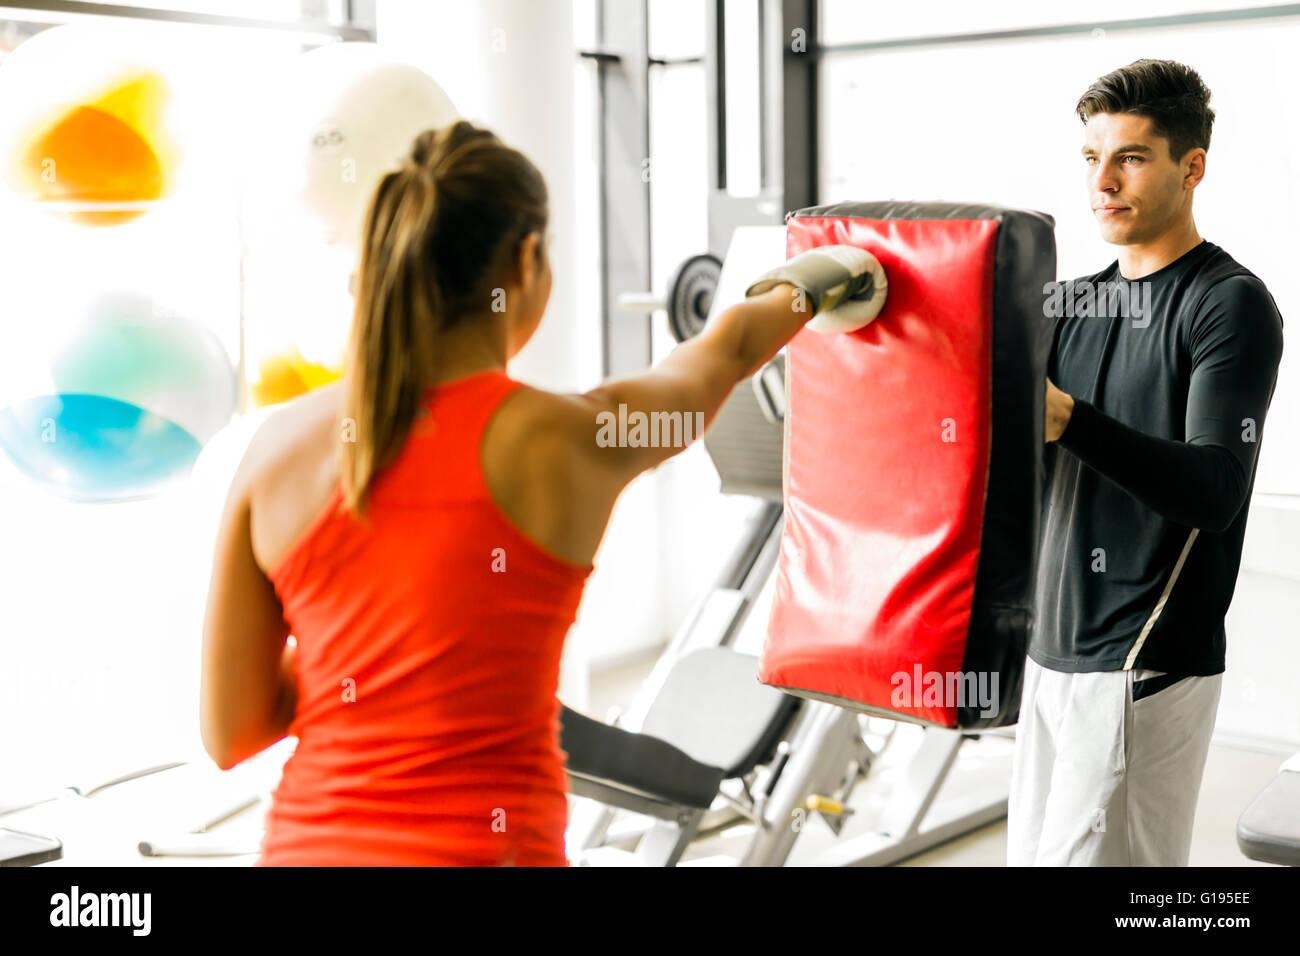 Jeune femme la boxe et la formation dans une salle de sport Photo Stock